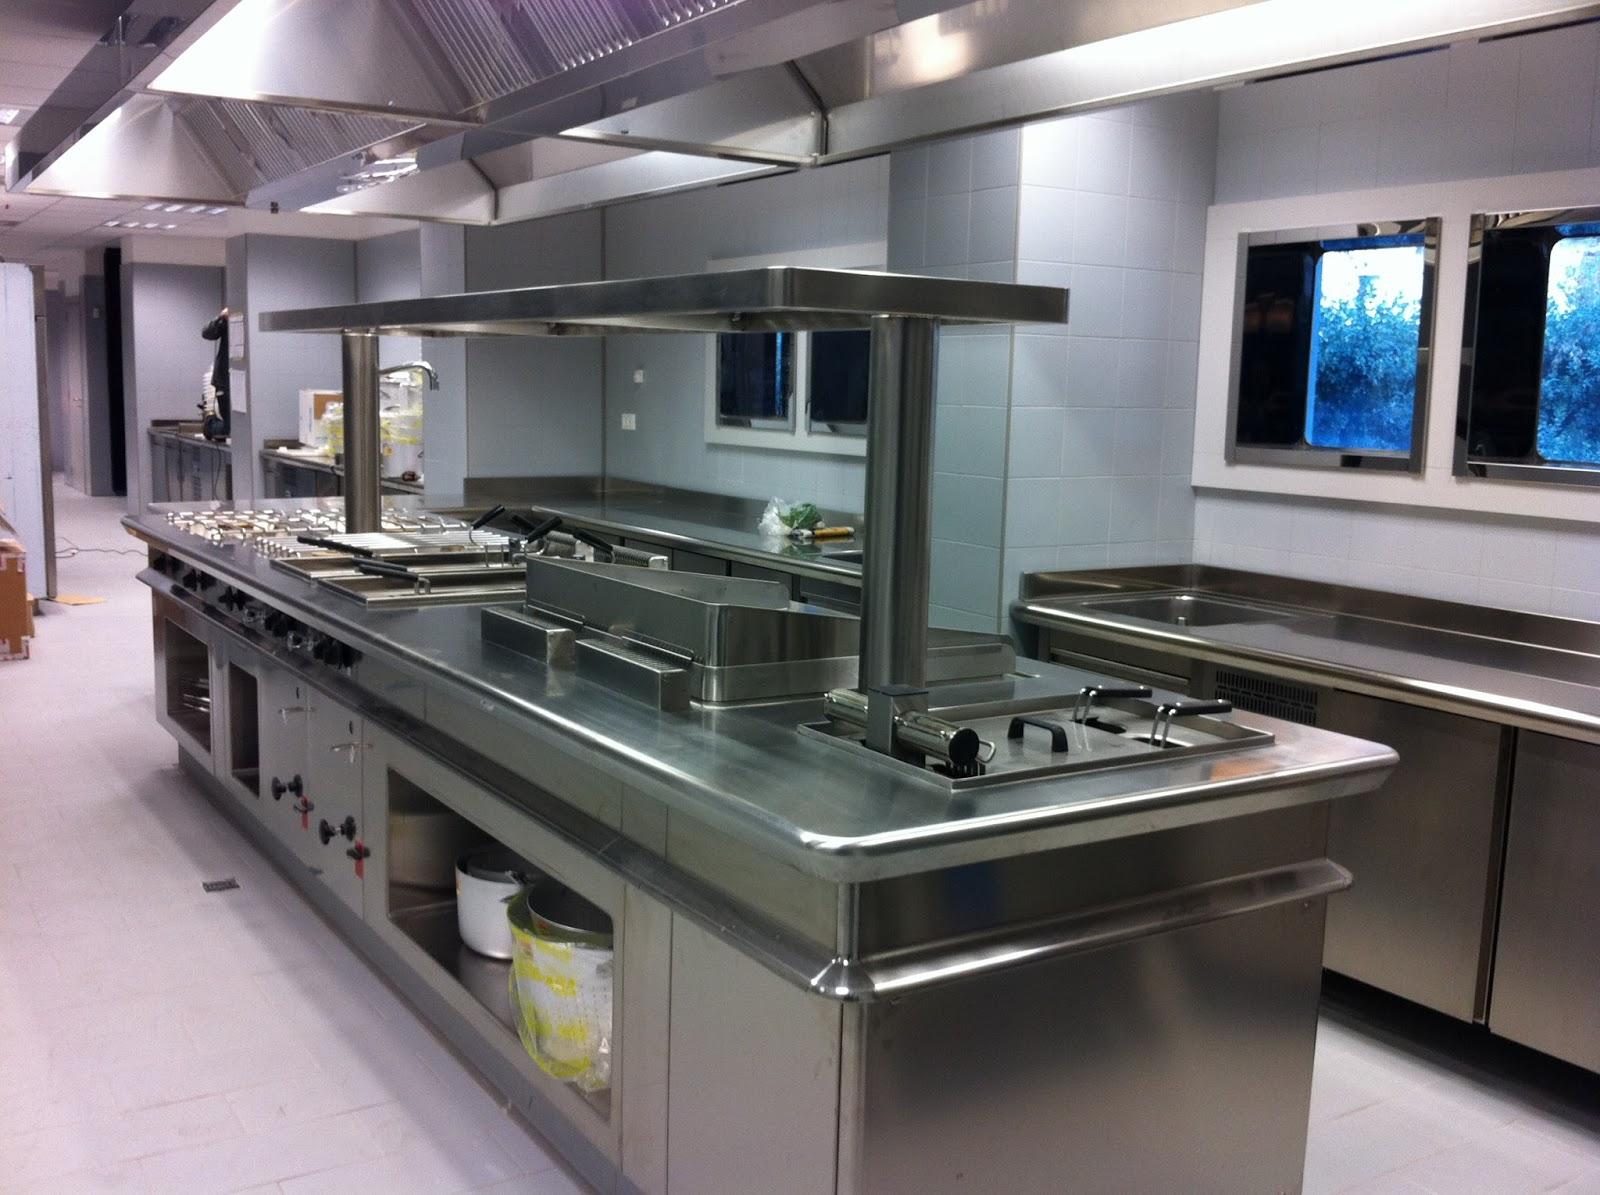 Referenze hygienicline cooking system hygienicline - Cucine professionali per ristoranti ...